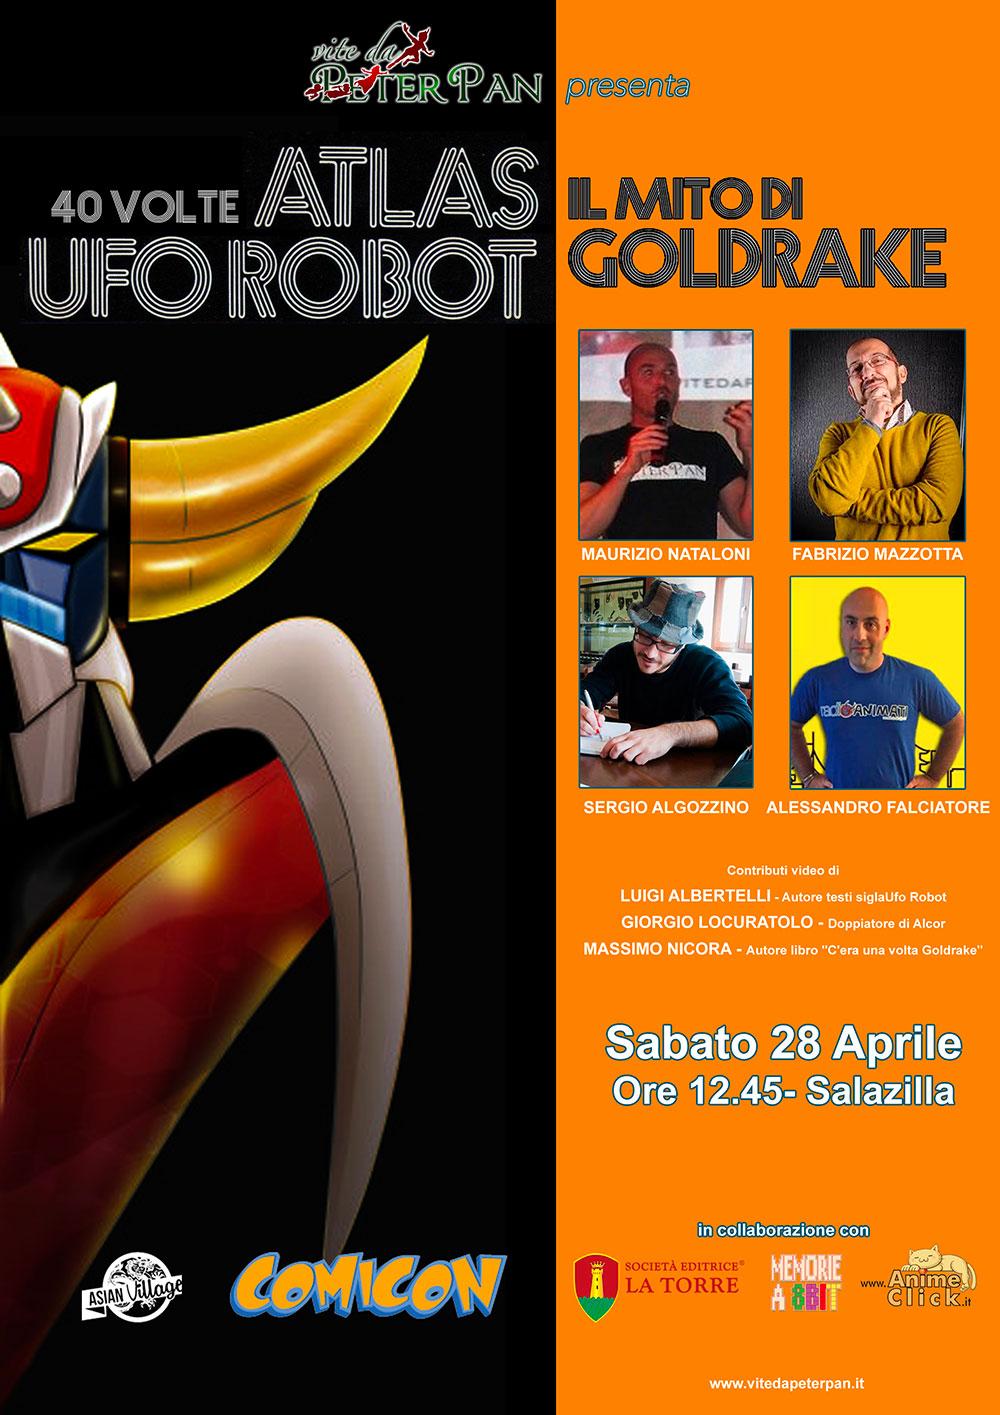 Atlas Ufo Robot Goldrake al Napoli Comicon